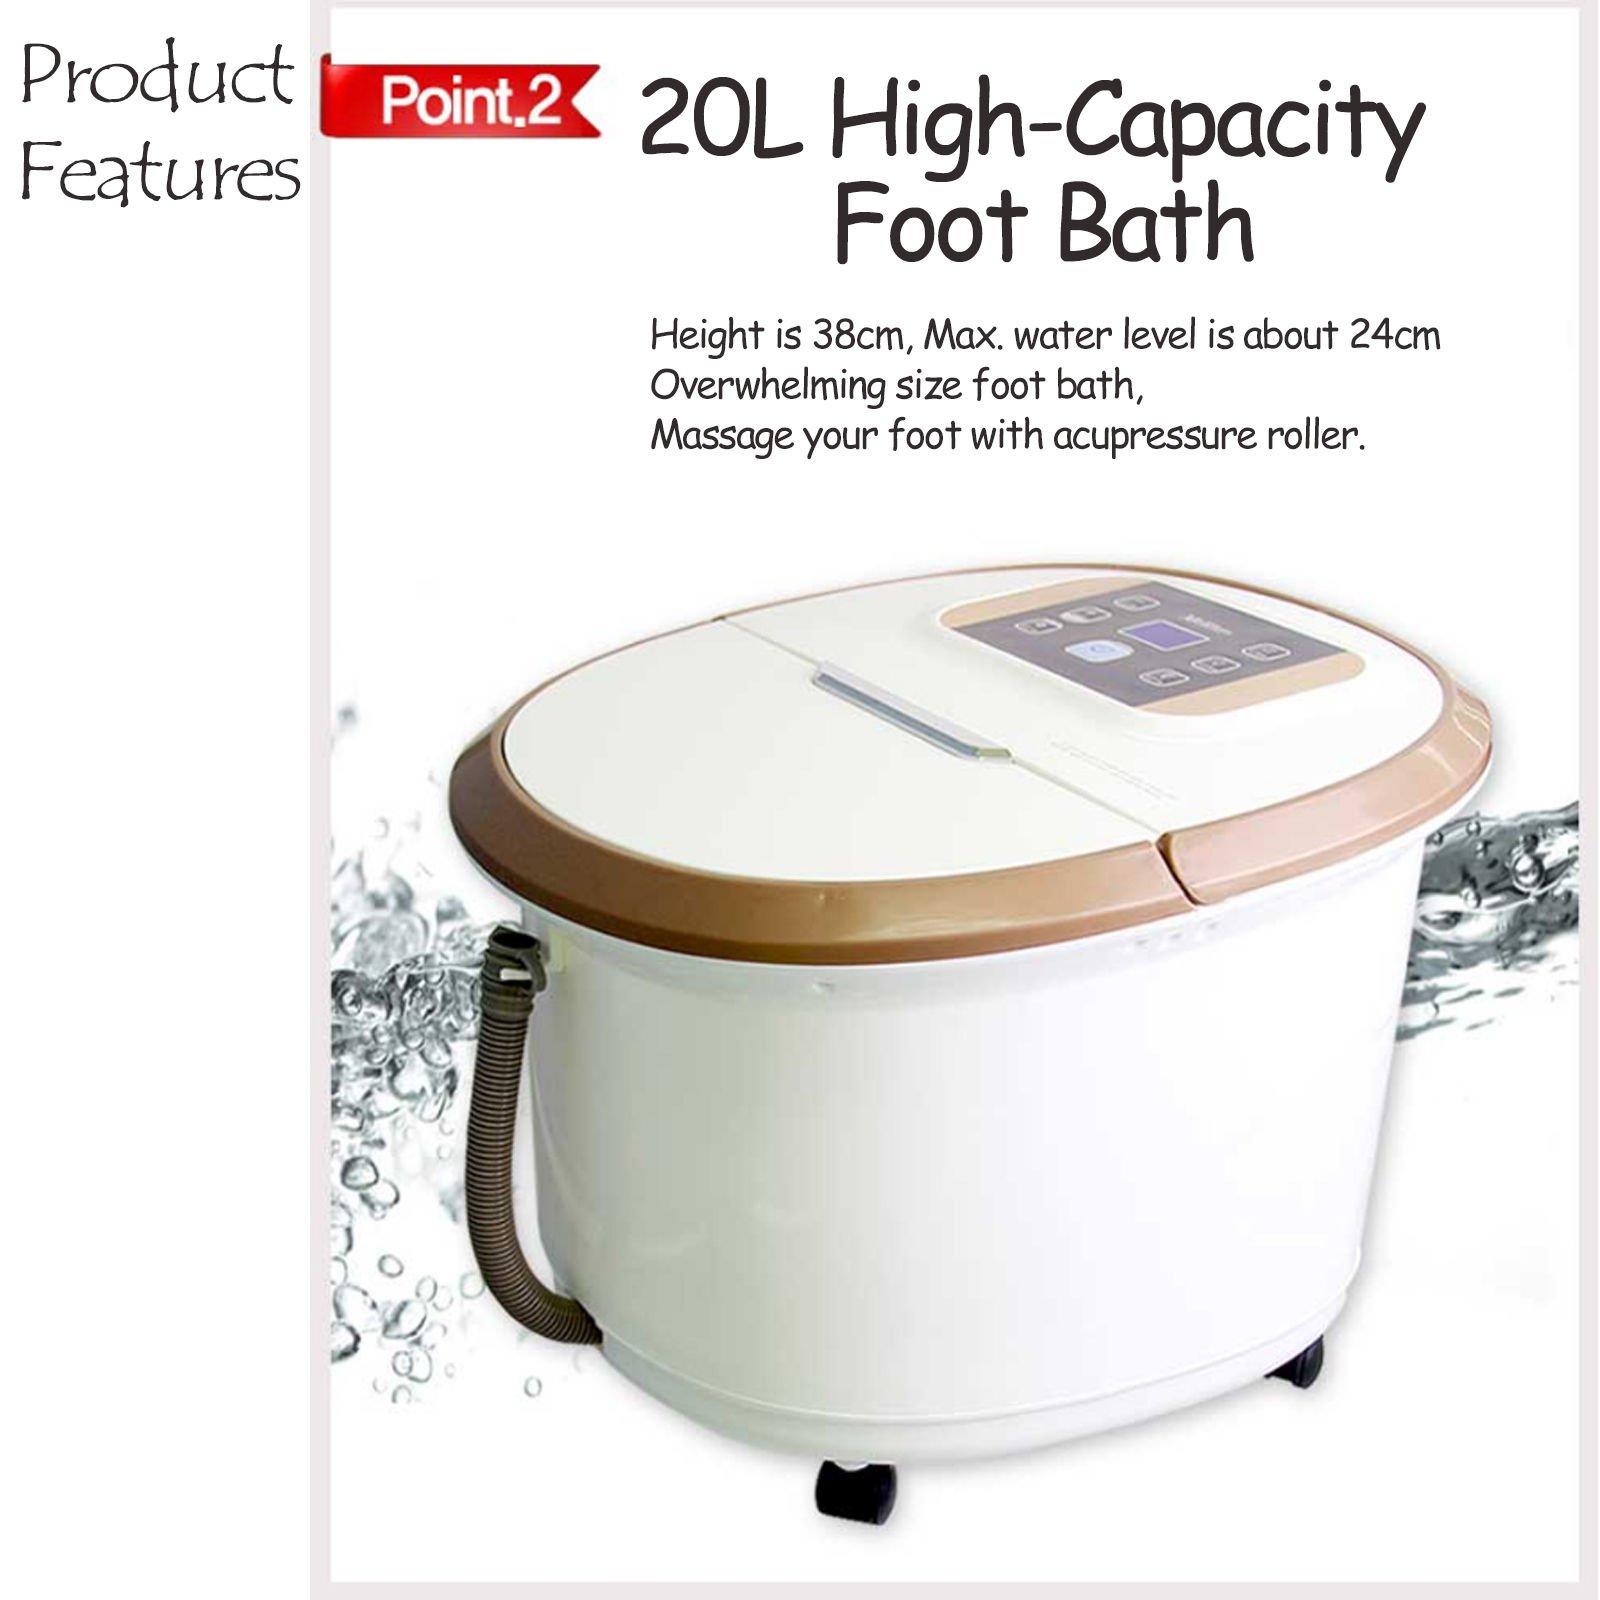 Foot Love MHJ-950A Foot Bath Foot Spa Homedics Foot Care 20L 220V by Foot Sarang (Image #4)